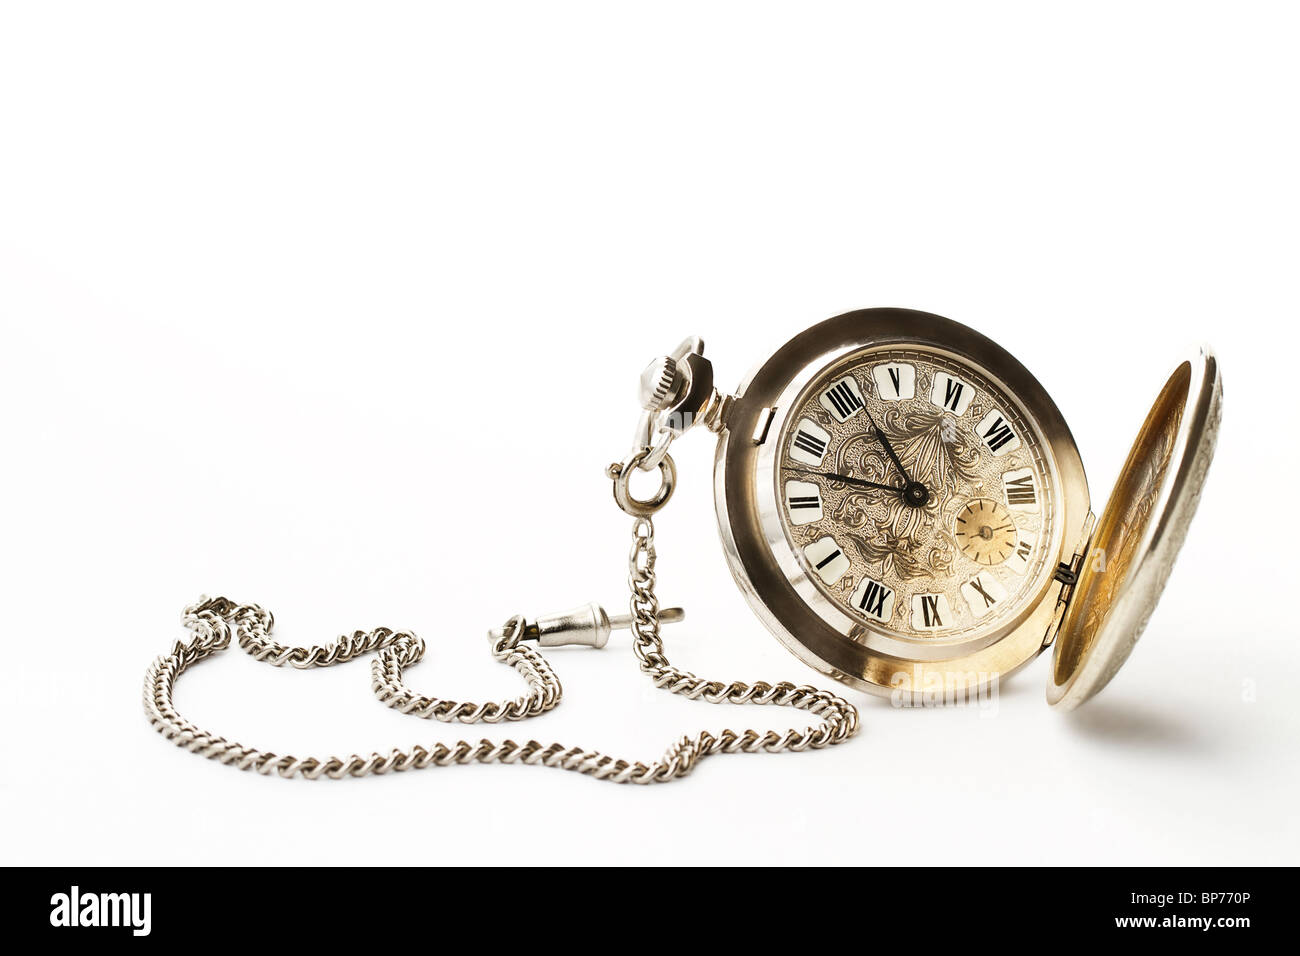 Ancienne montre de poche sur fond blanc Photo Stock